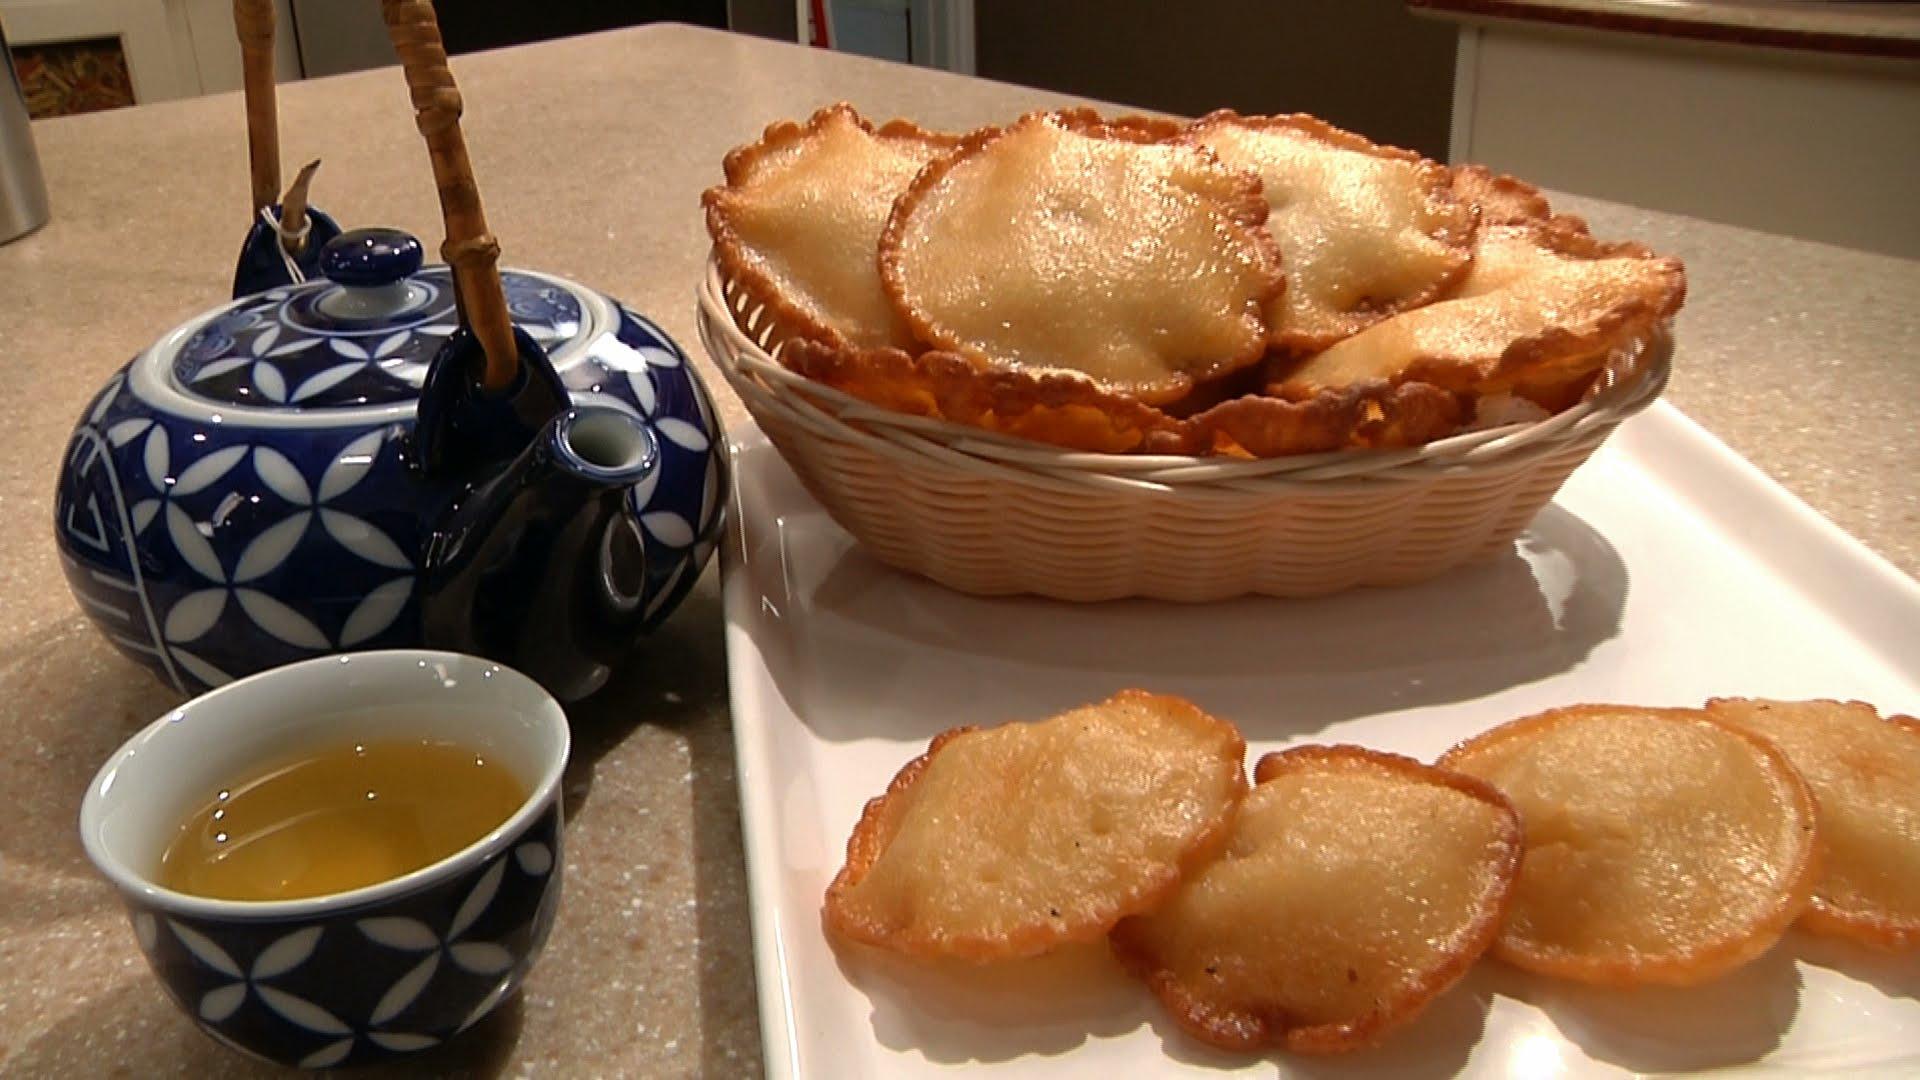 những món bánh truyền thống 66 những món bánh truyền thống Những món bánh truyền thống cực ngon và cách làm đơn giản nhung mon banh truyen thong 66